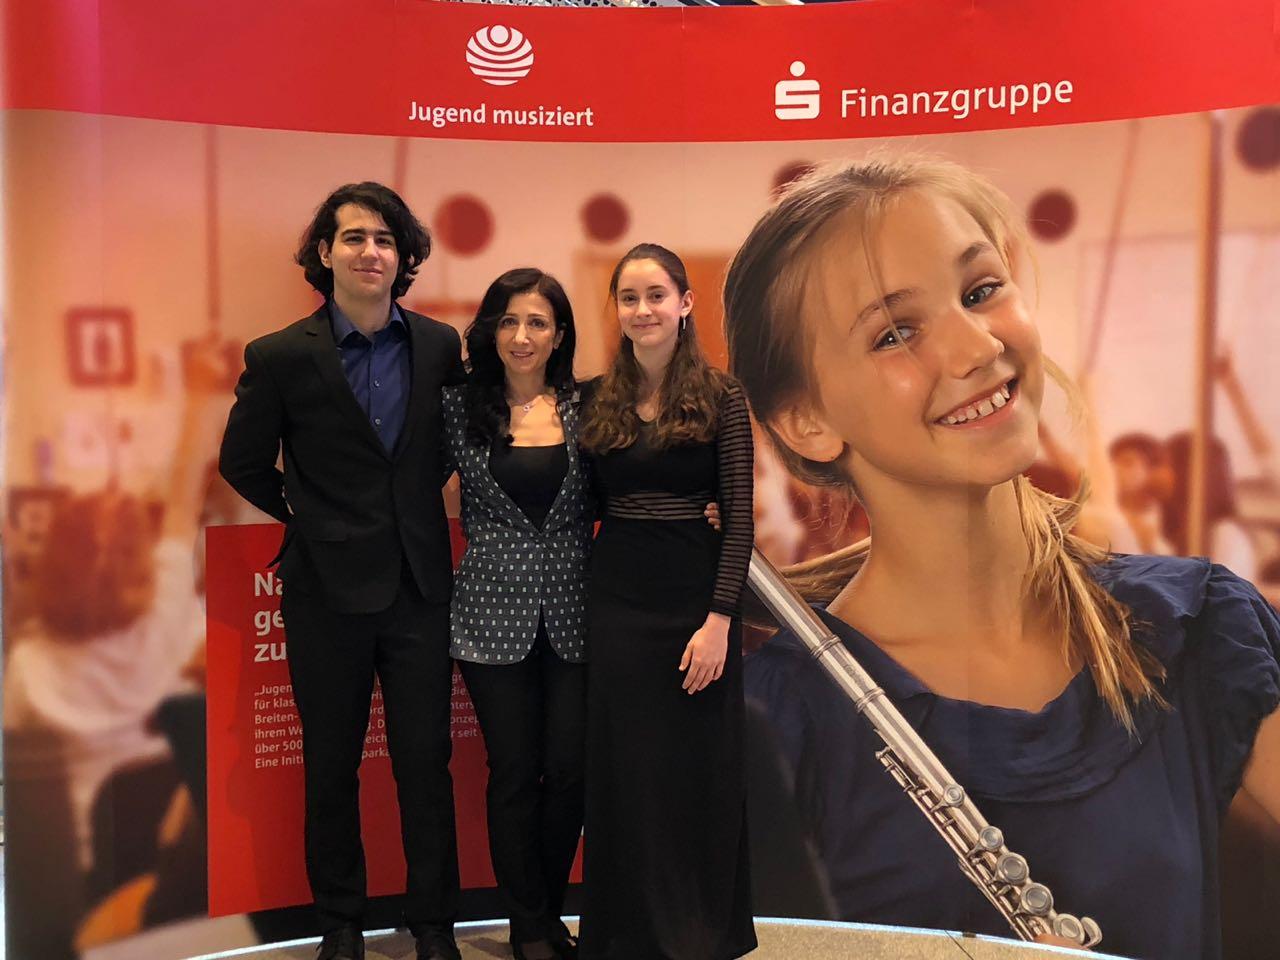 Pierre-Alain Krause, Marina Kheifets und Elisabeth Preommel